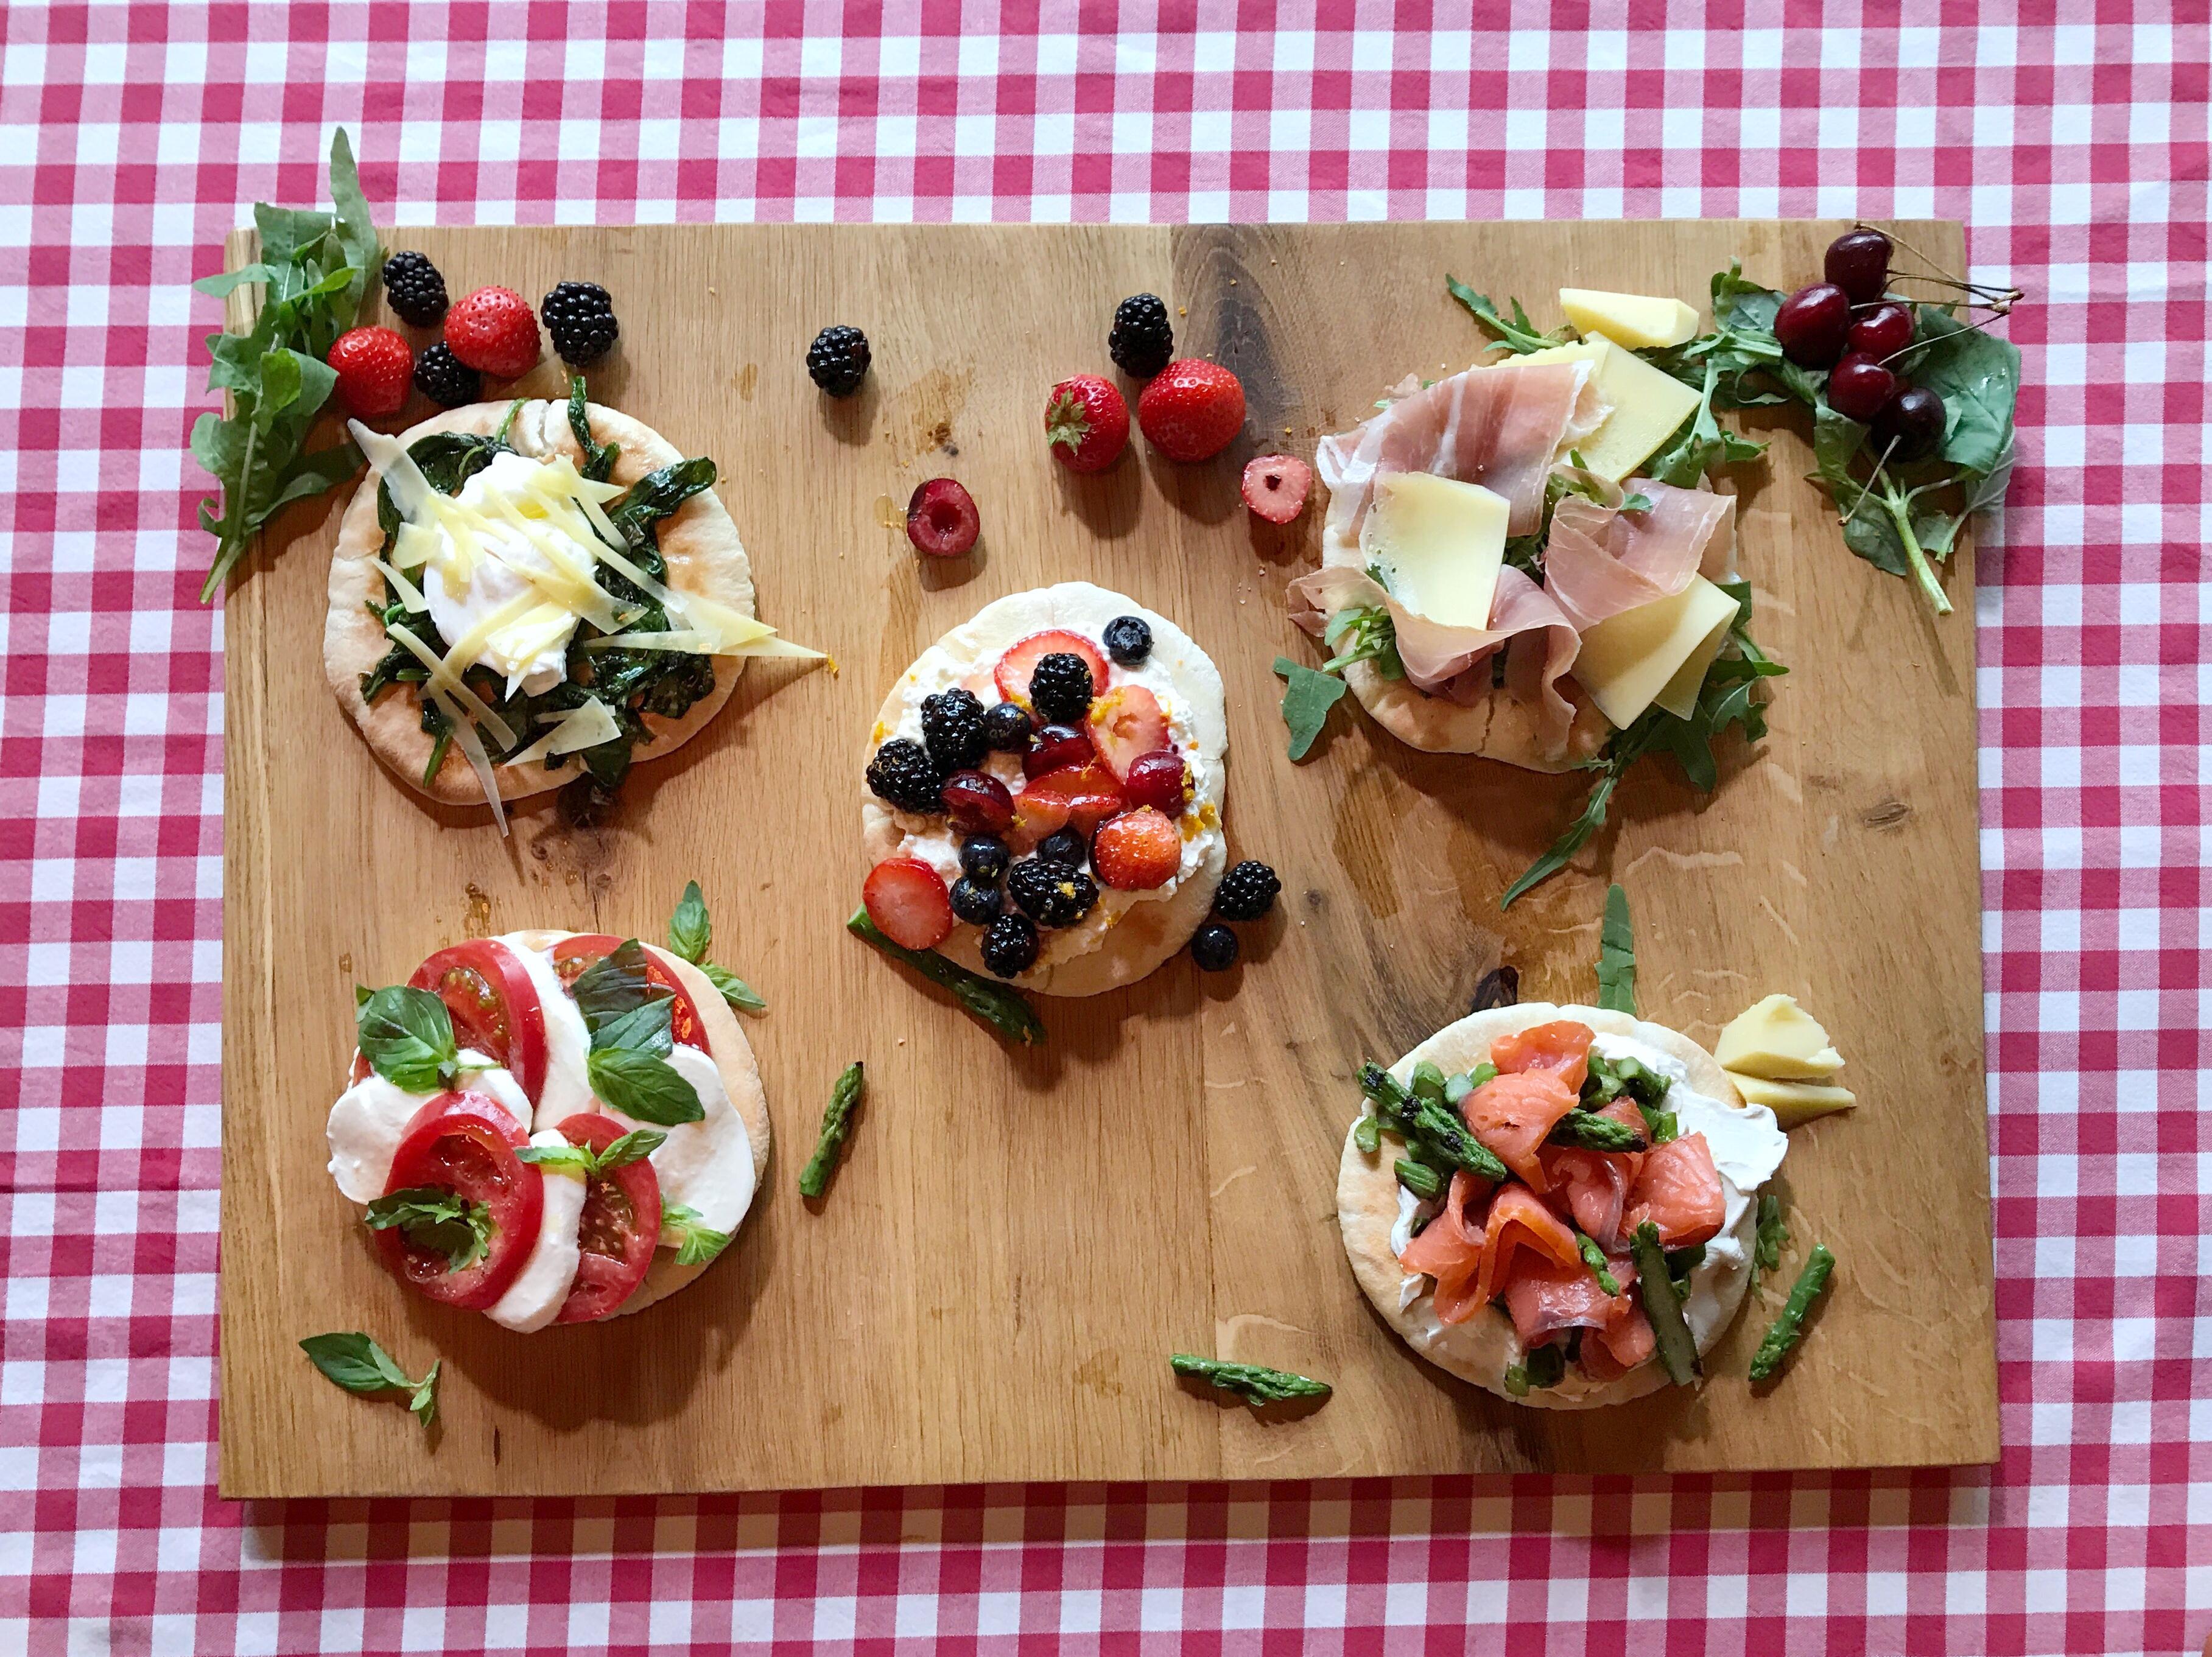 5 быстрых завтраков или перекусов